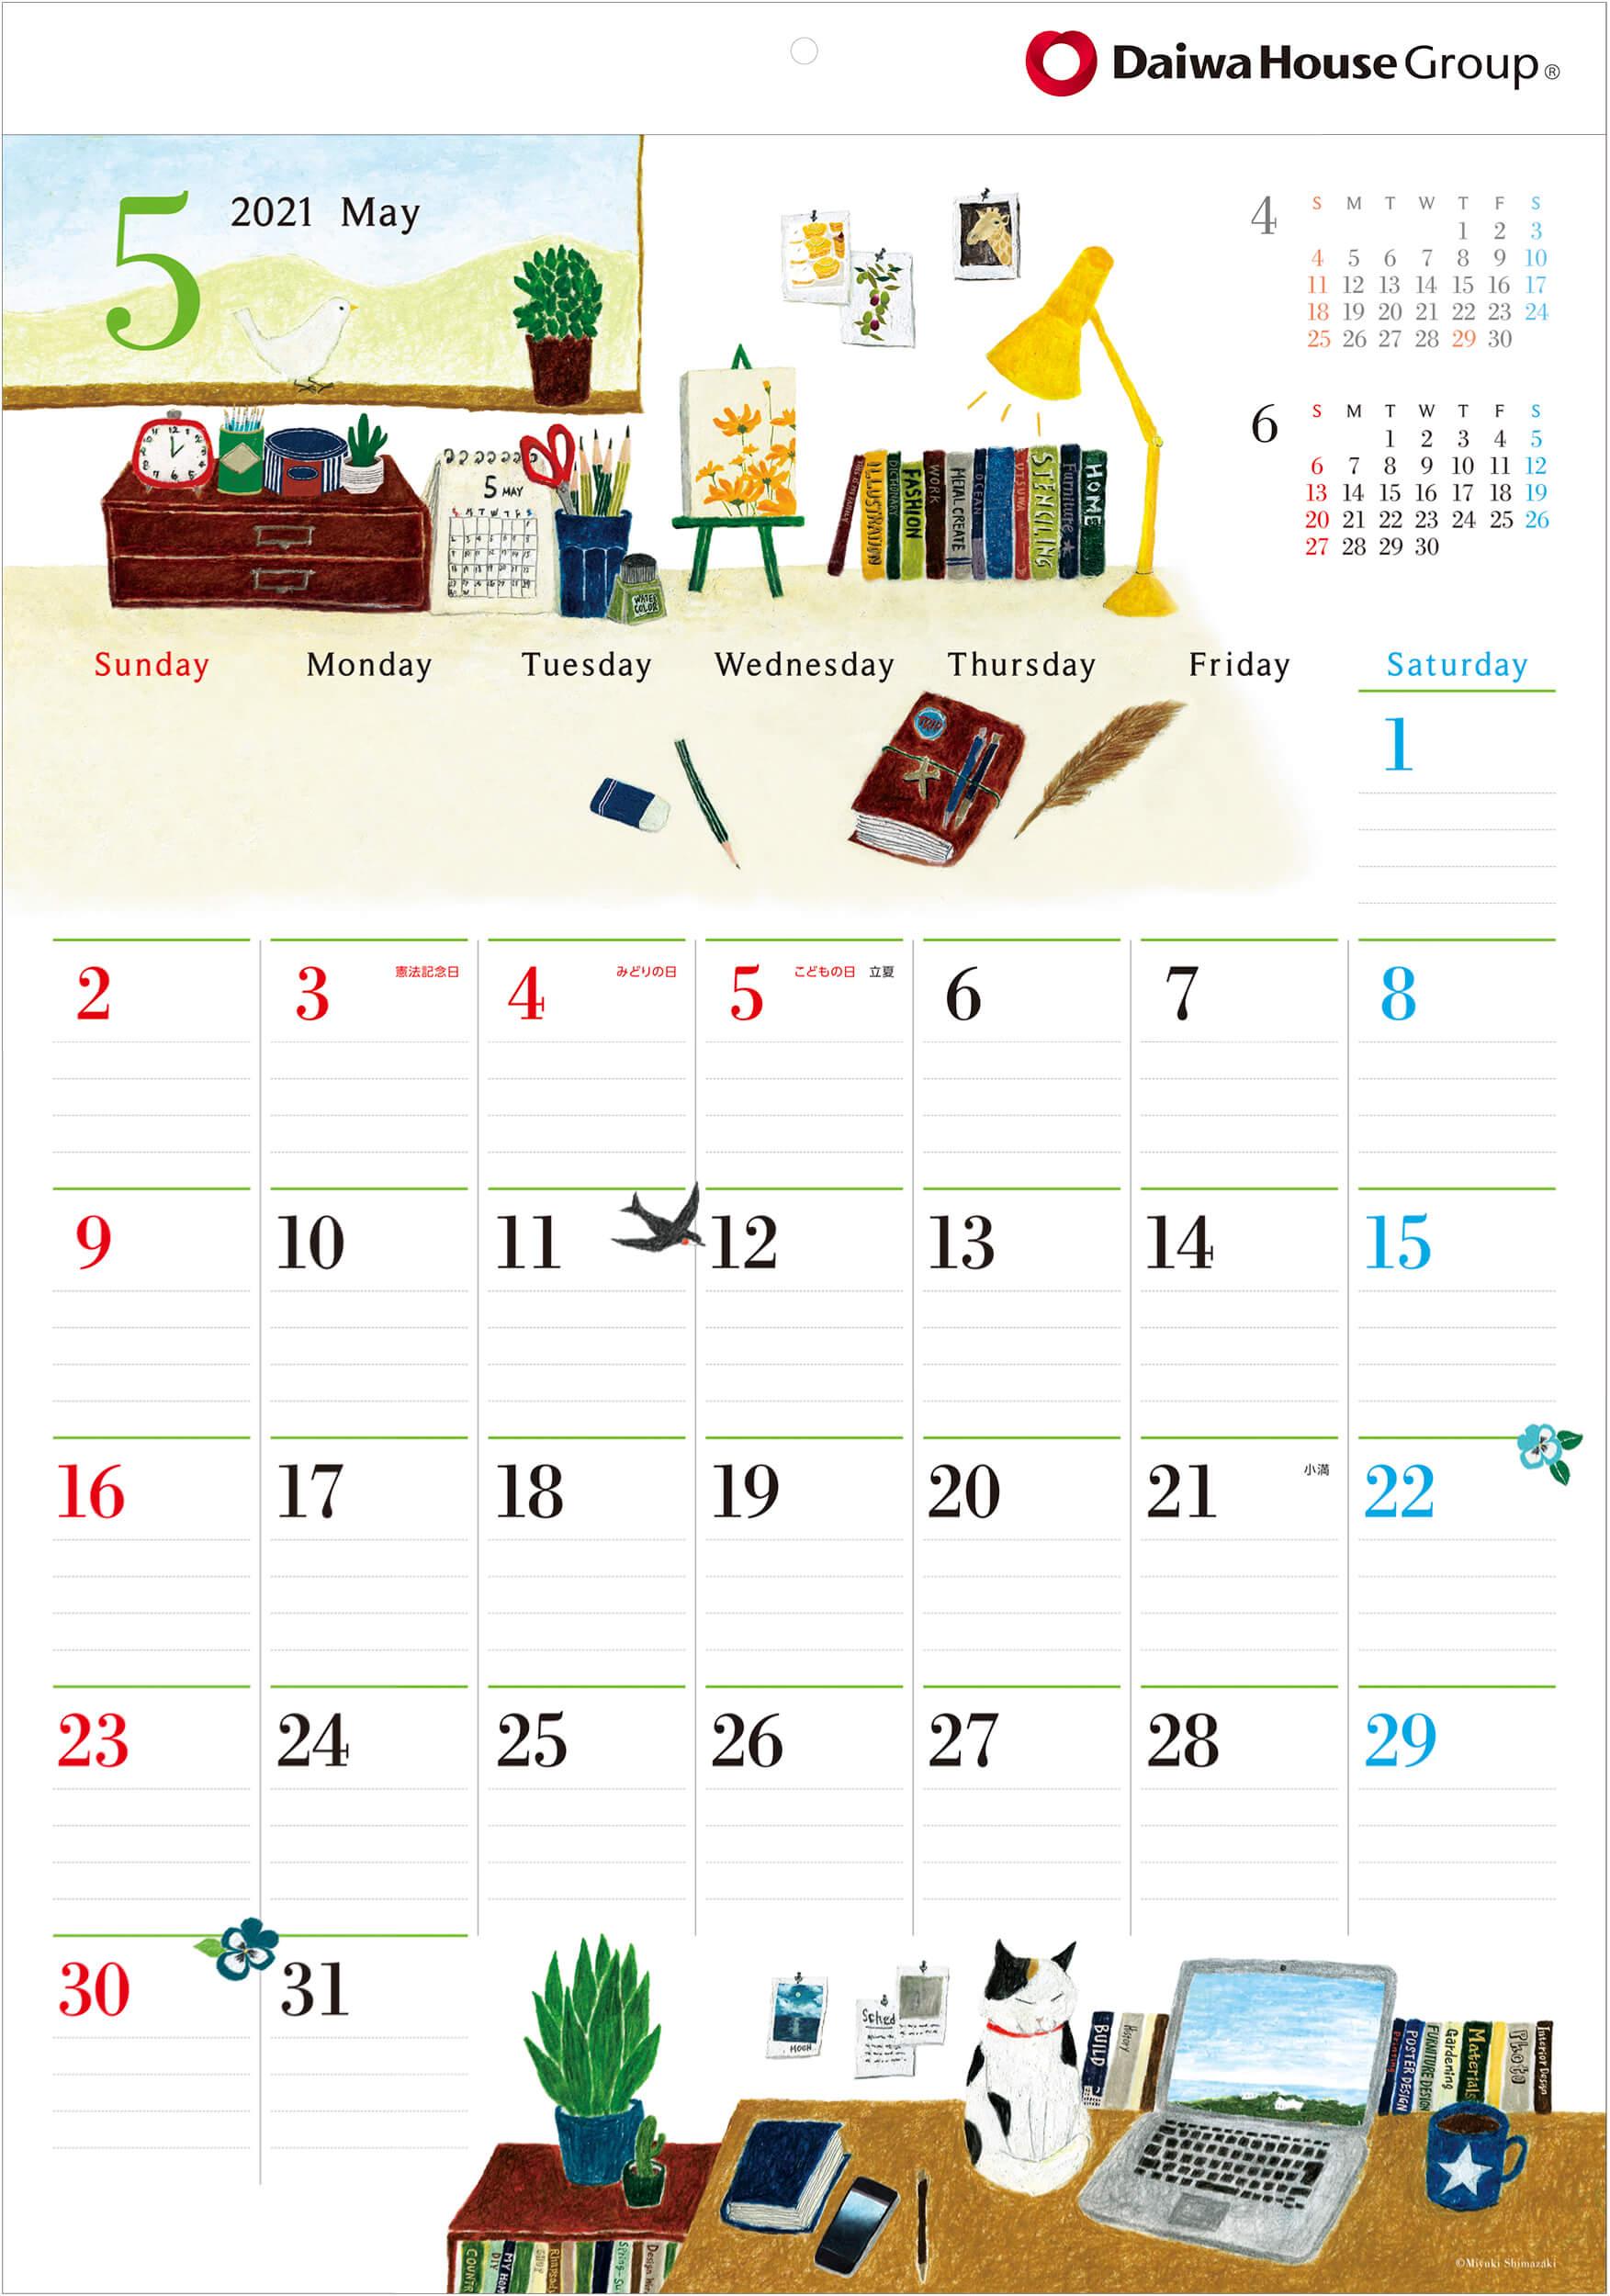 2021年カレンダー ダイワハウス「5月生活」